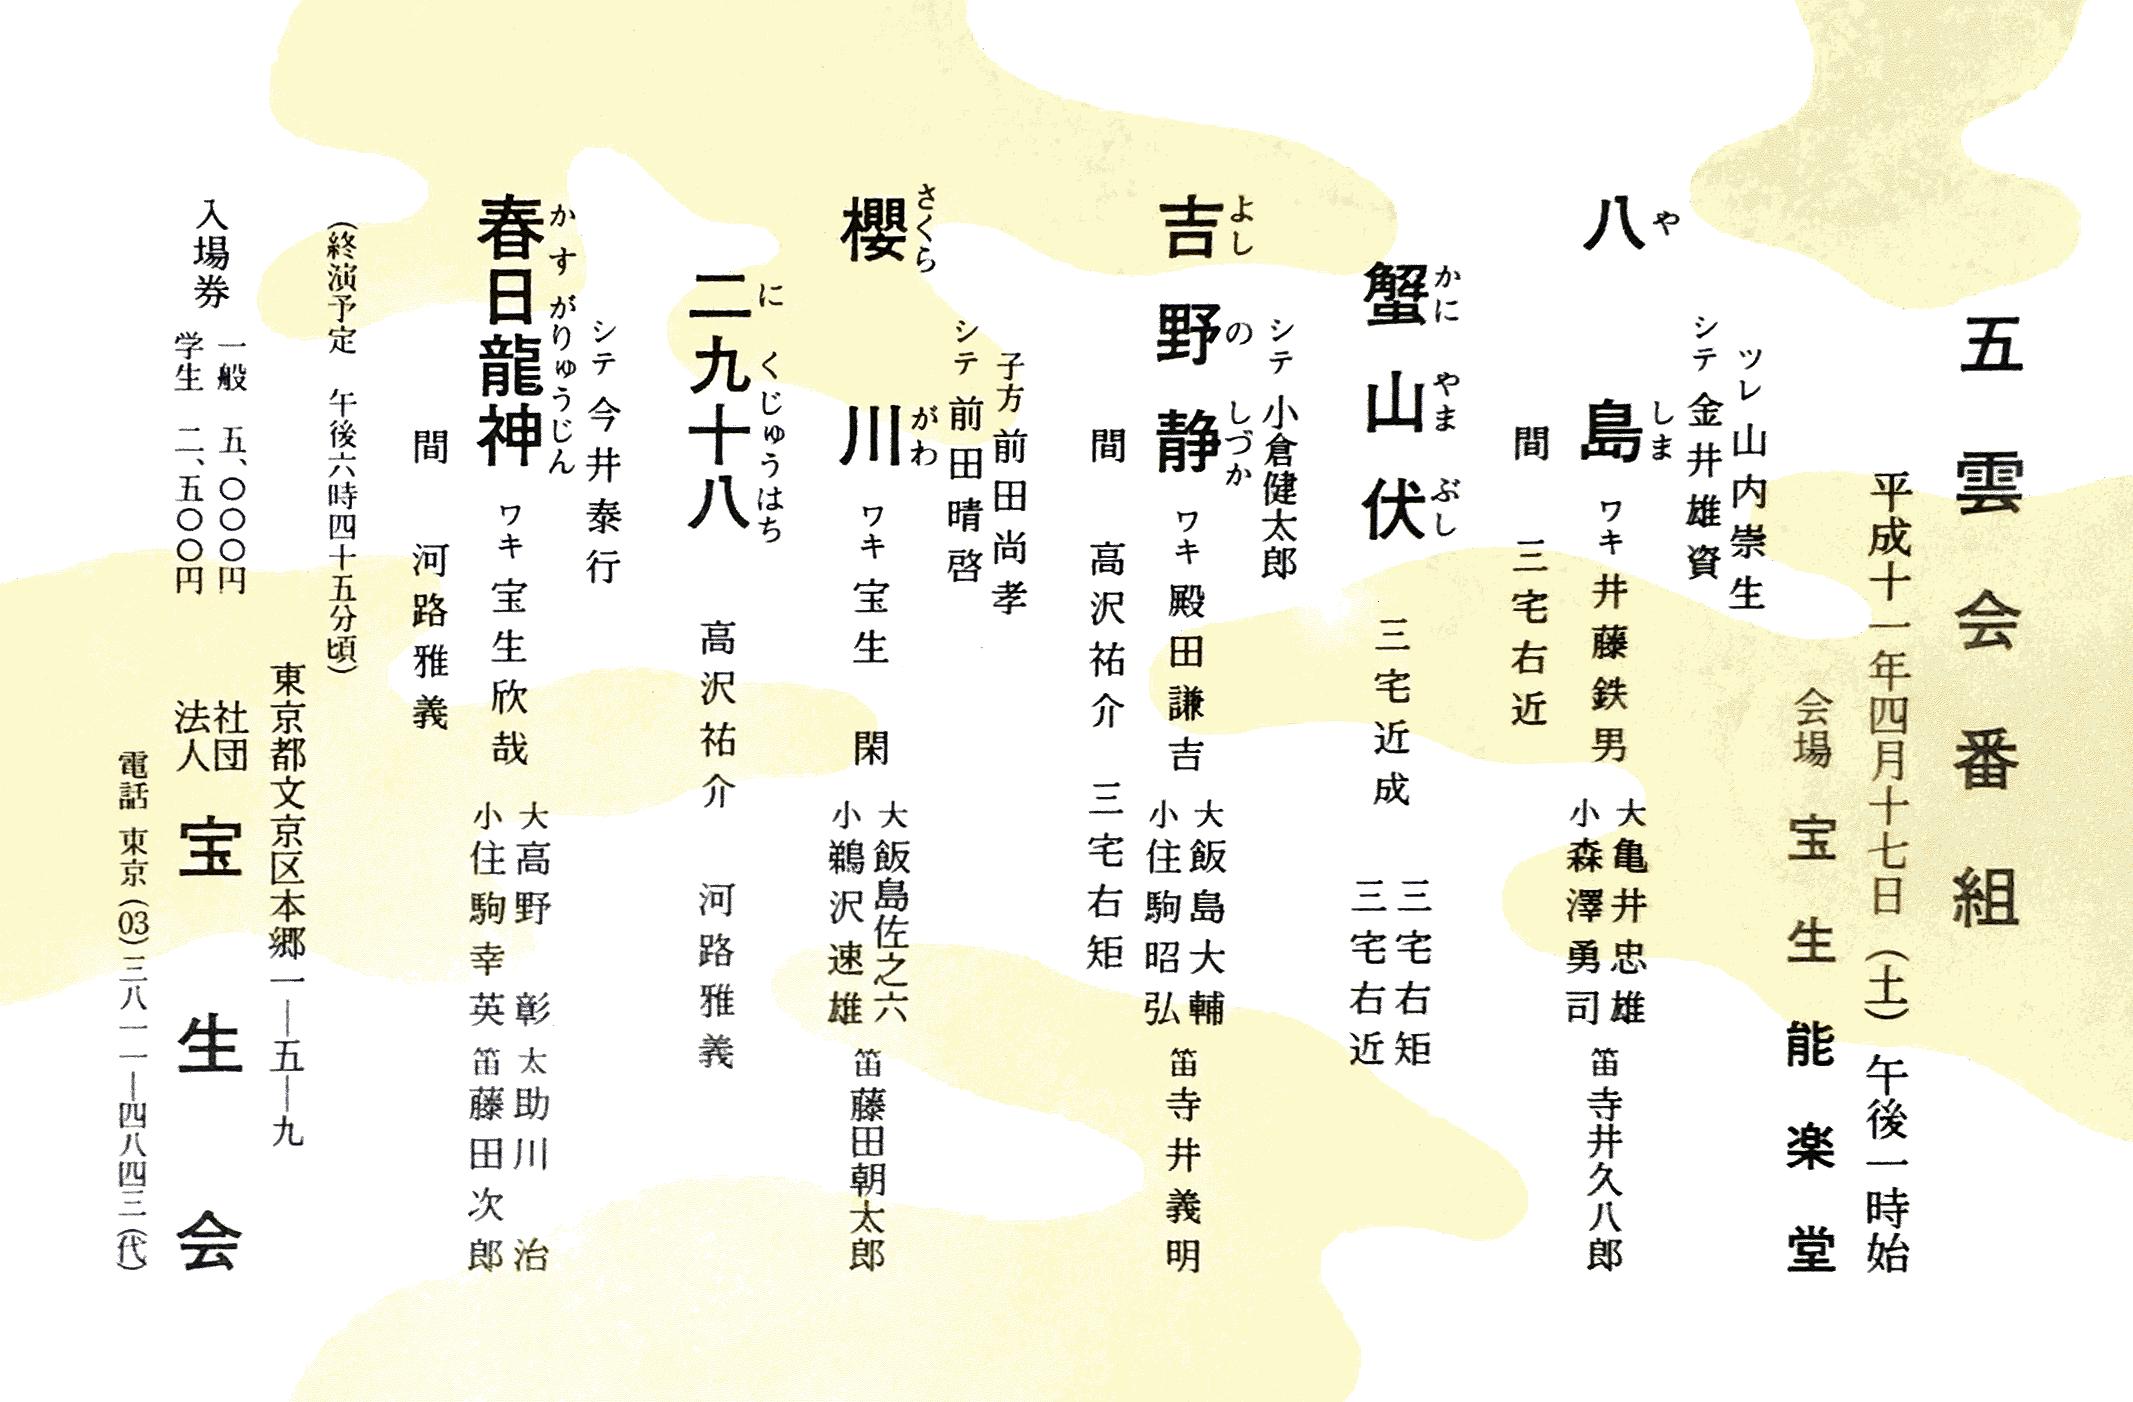 1999年4月18日五雲会「八島」